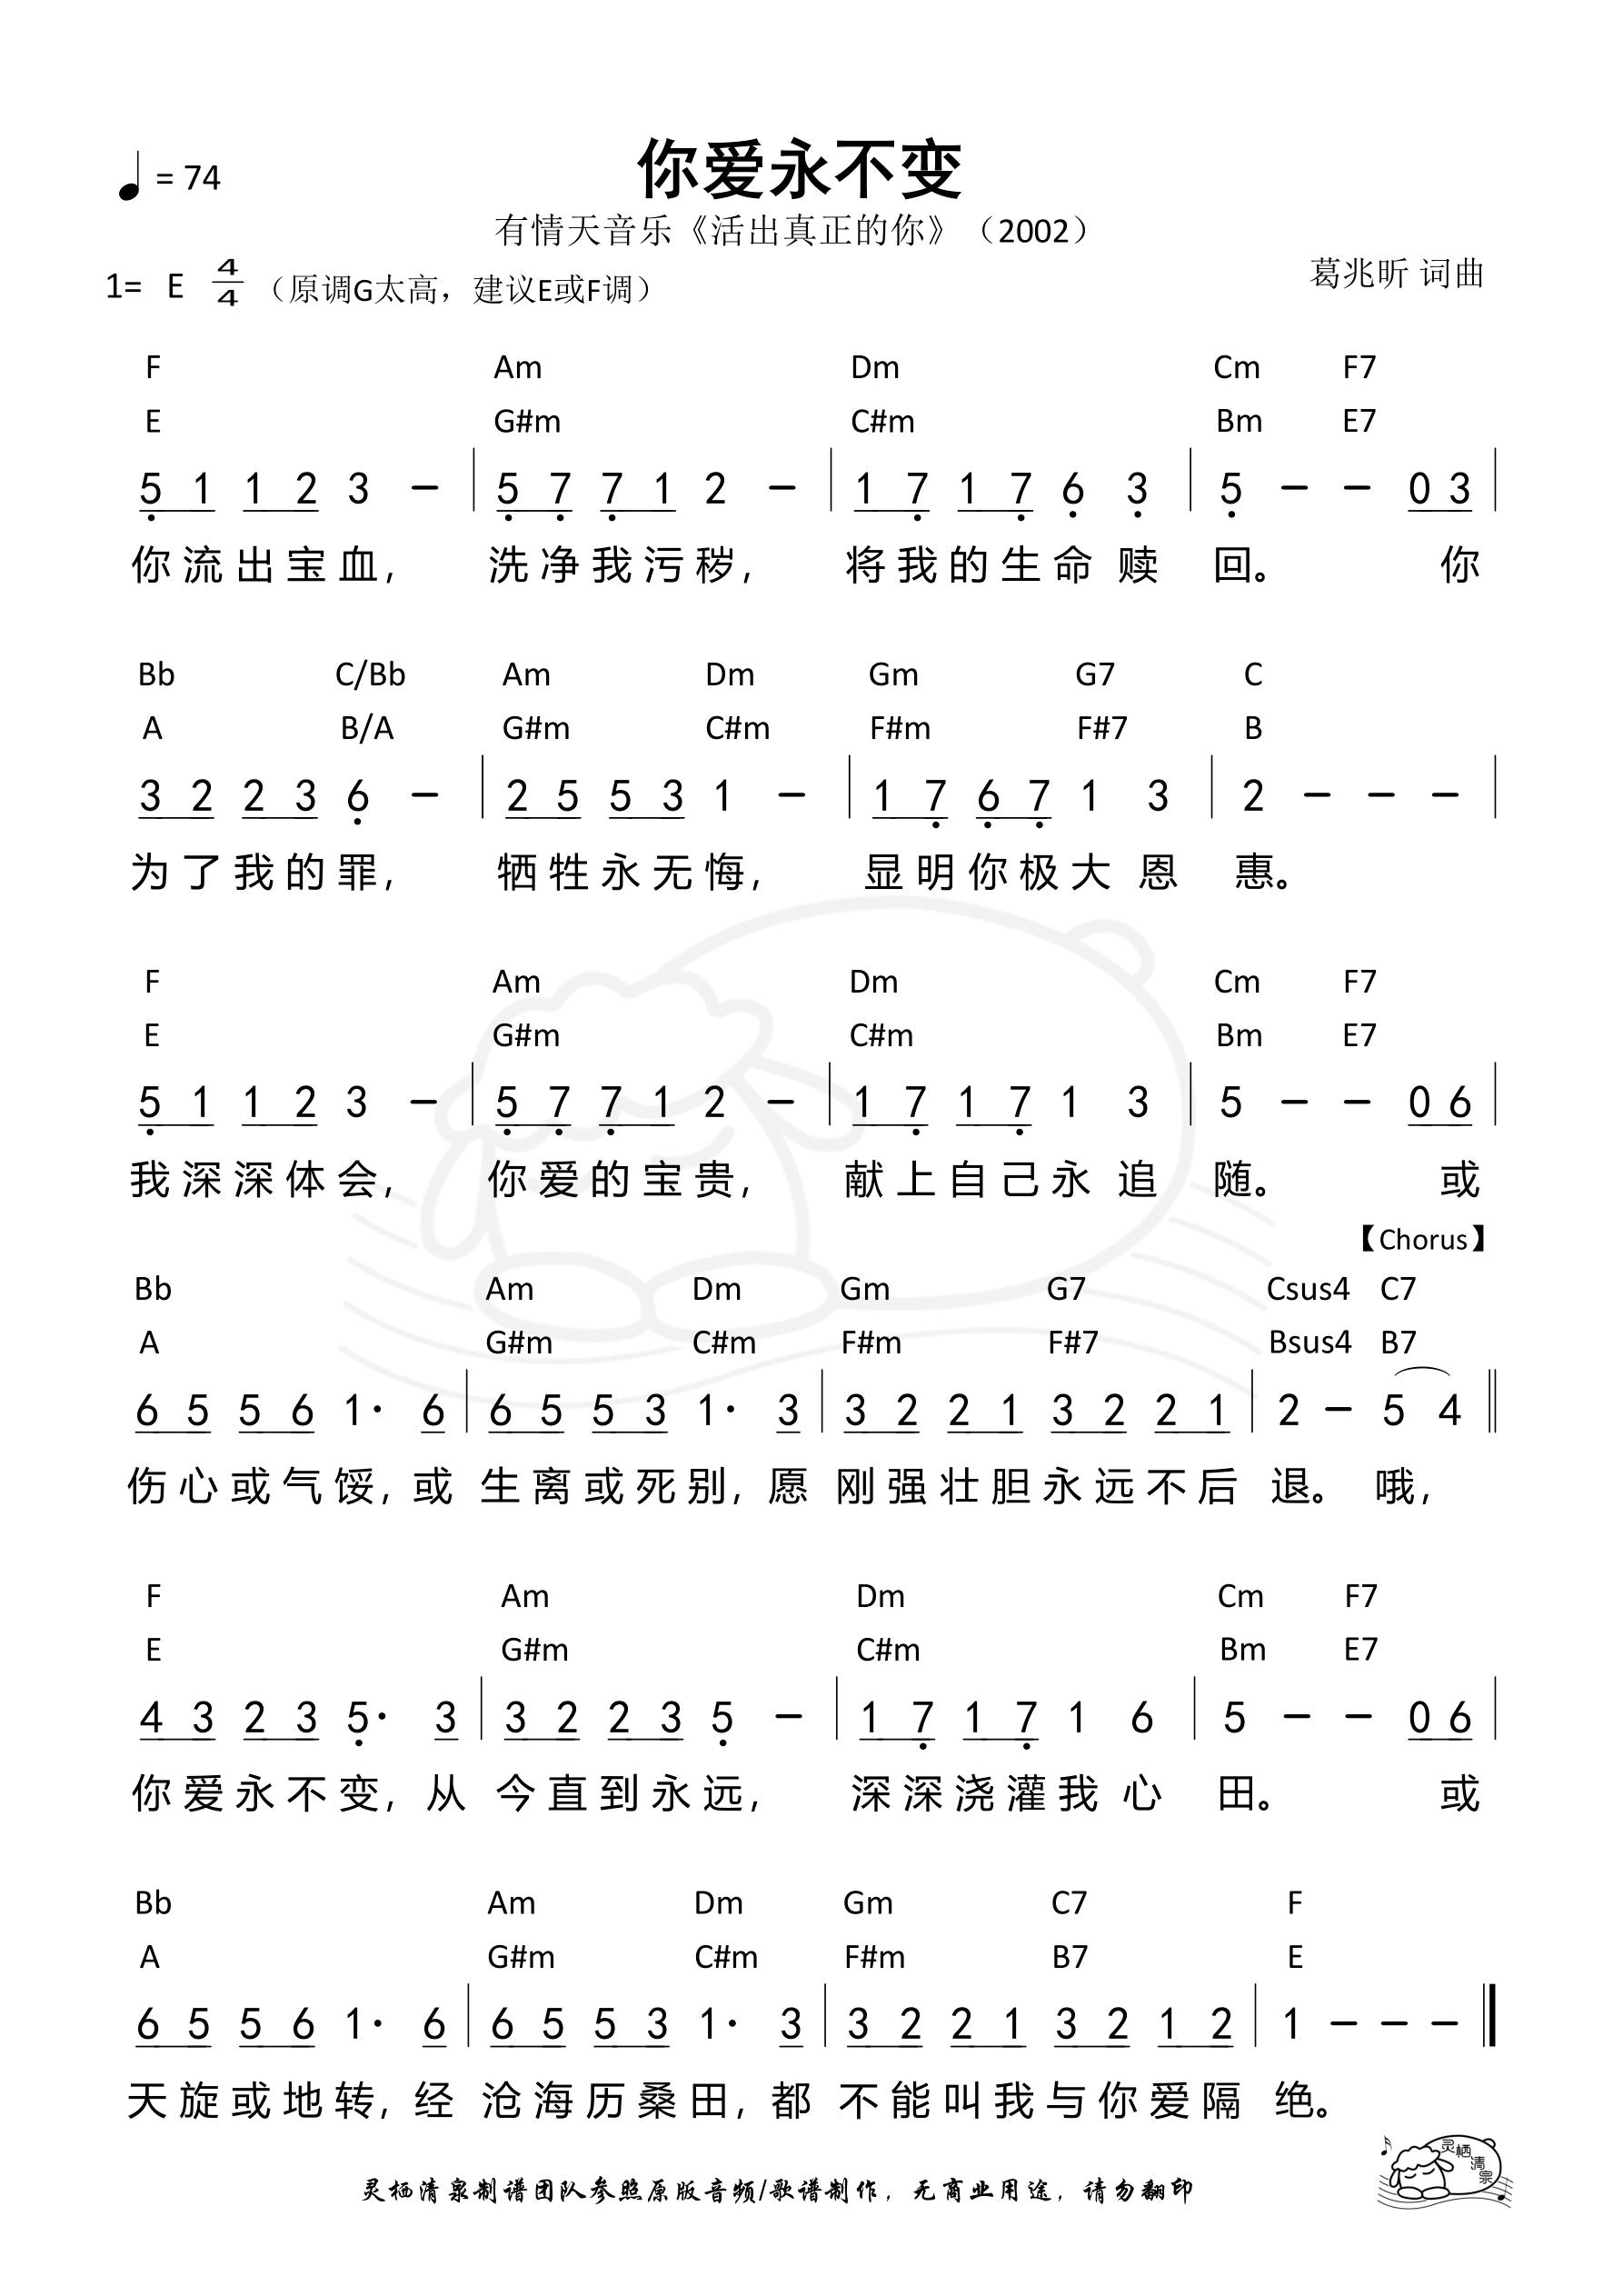 《第791首 - 你爱永不变 和弦简谱》